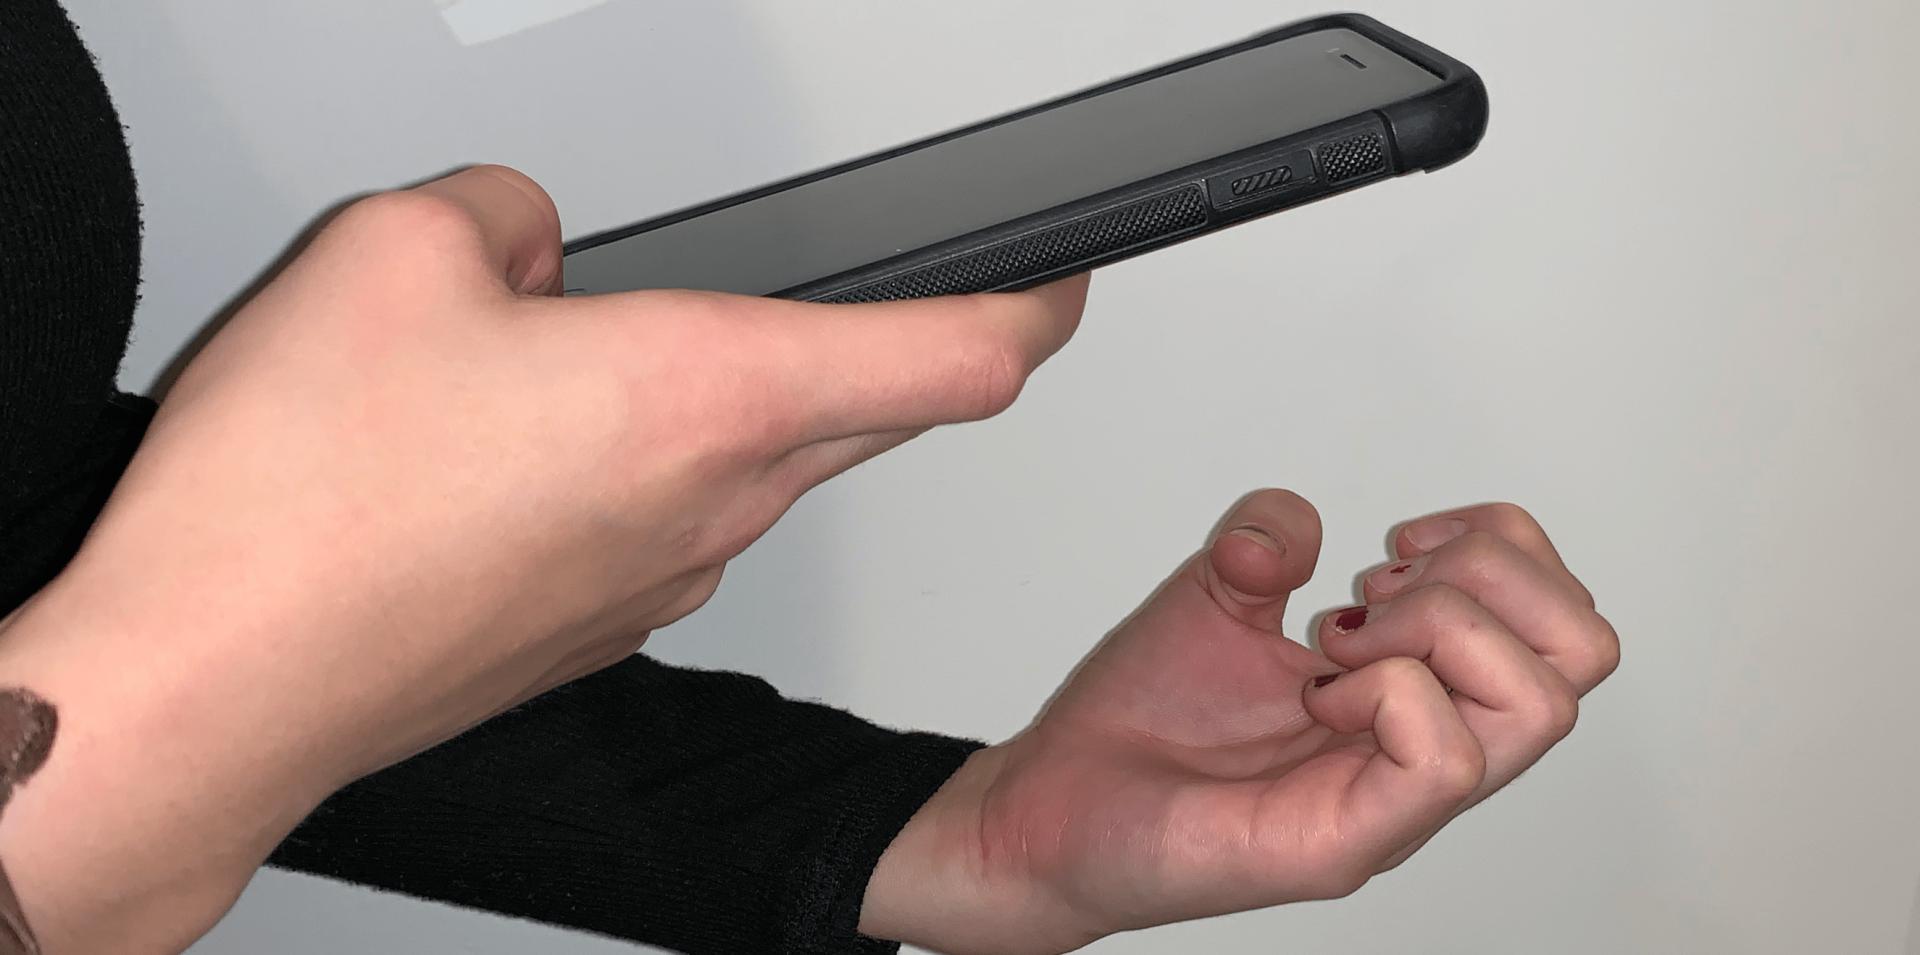 研究人员开发跨平台应用 通过指甲照片检测贫血